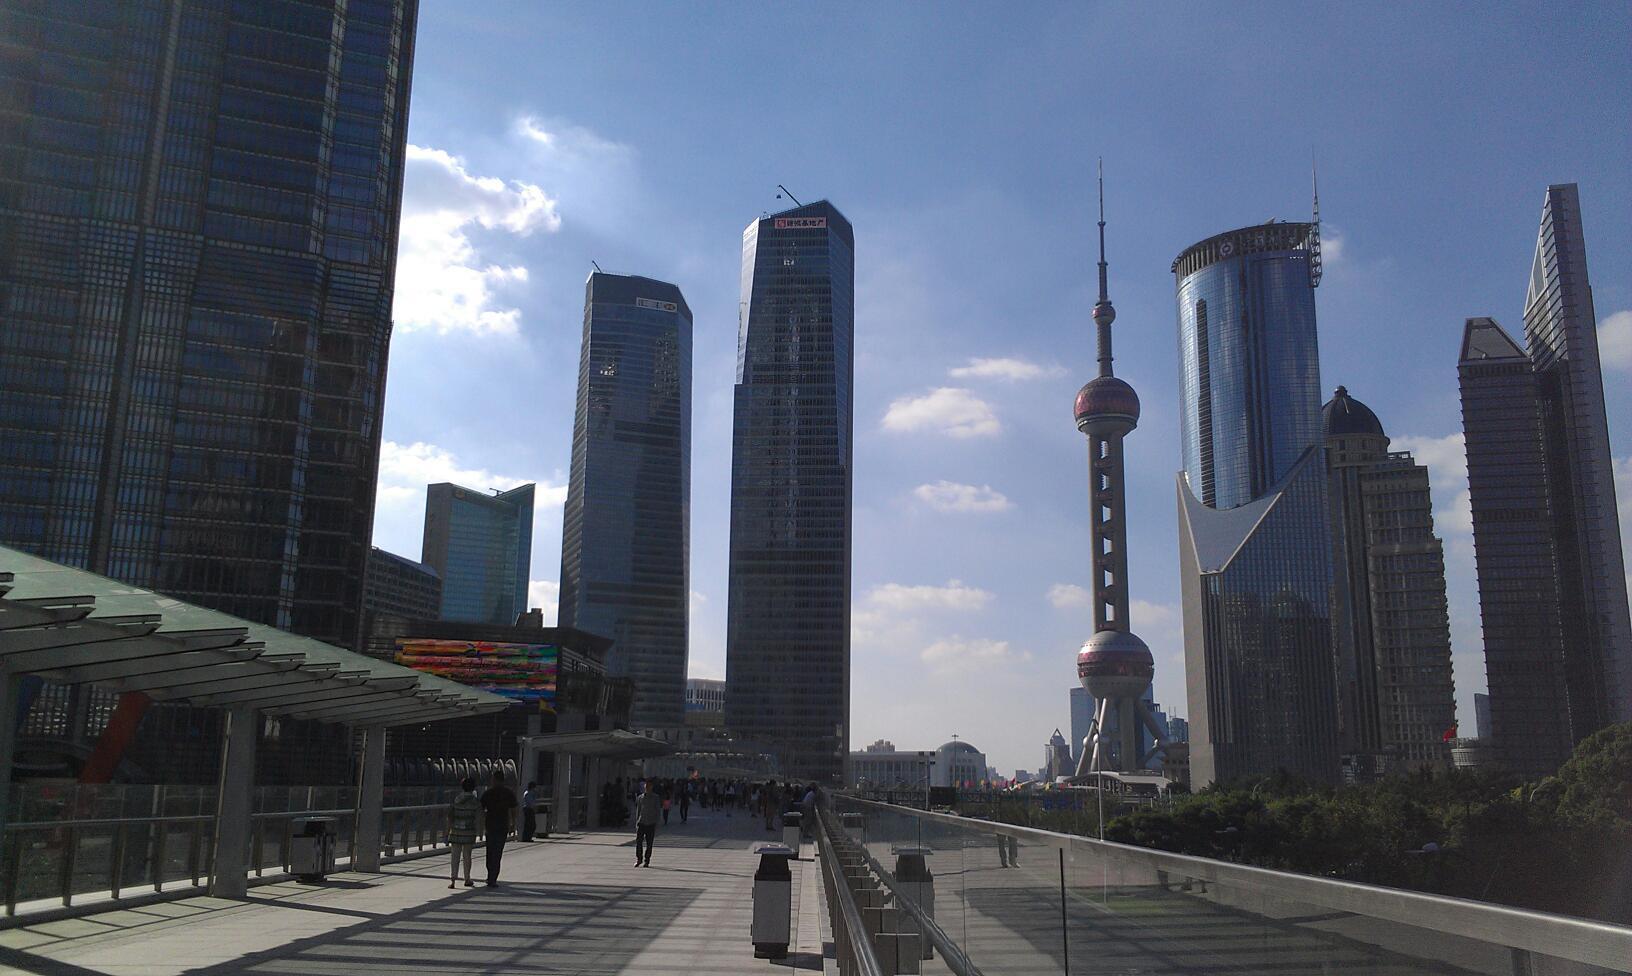 上海陆家嘴 一日游